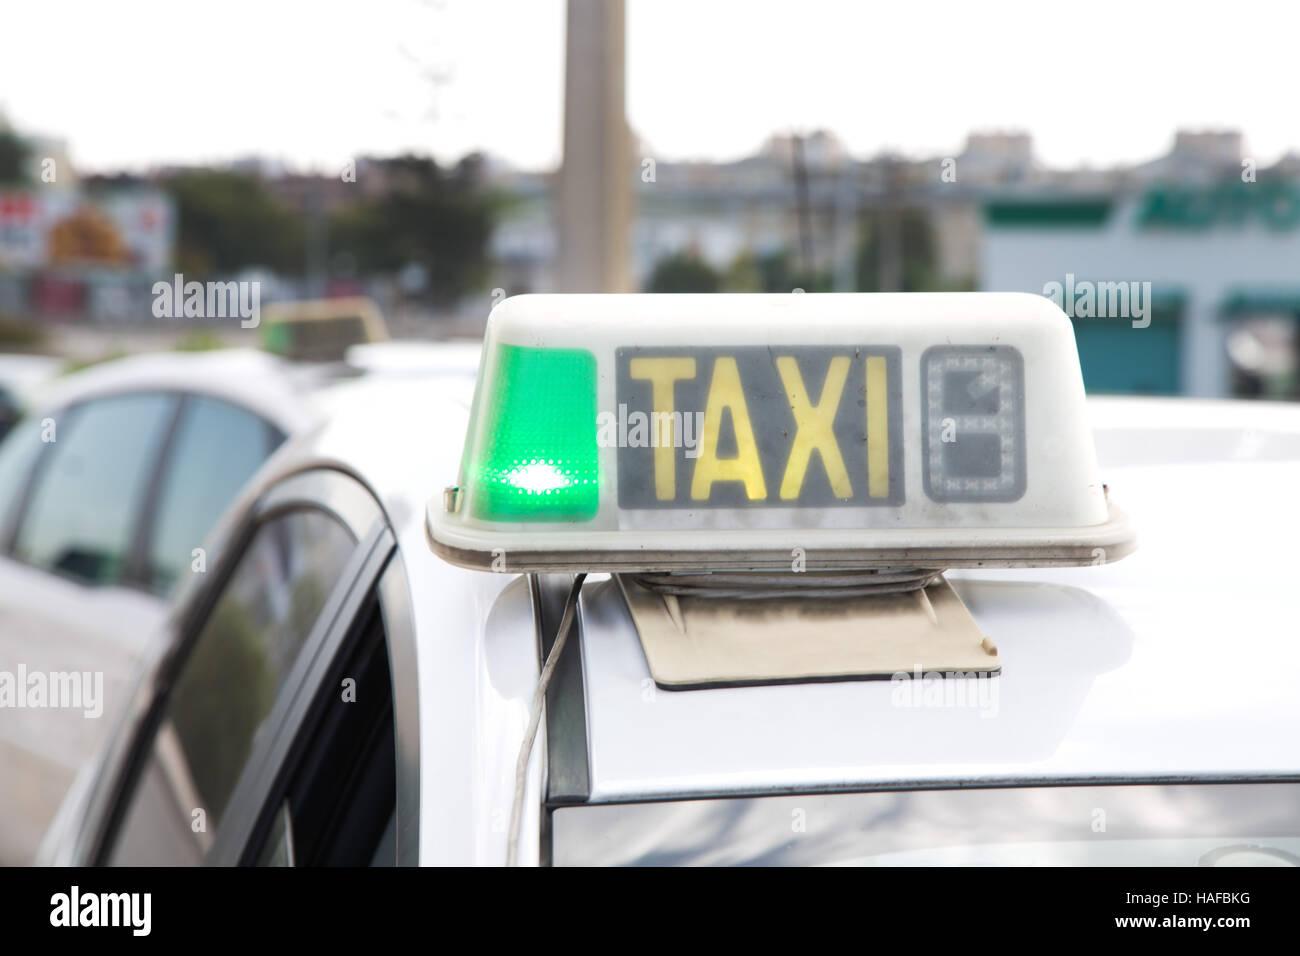 Taxi con luz verde para mostrar disponibilidad Foto de stock